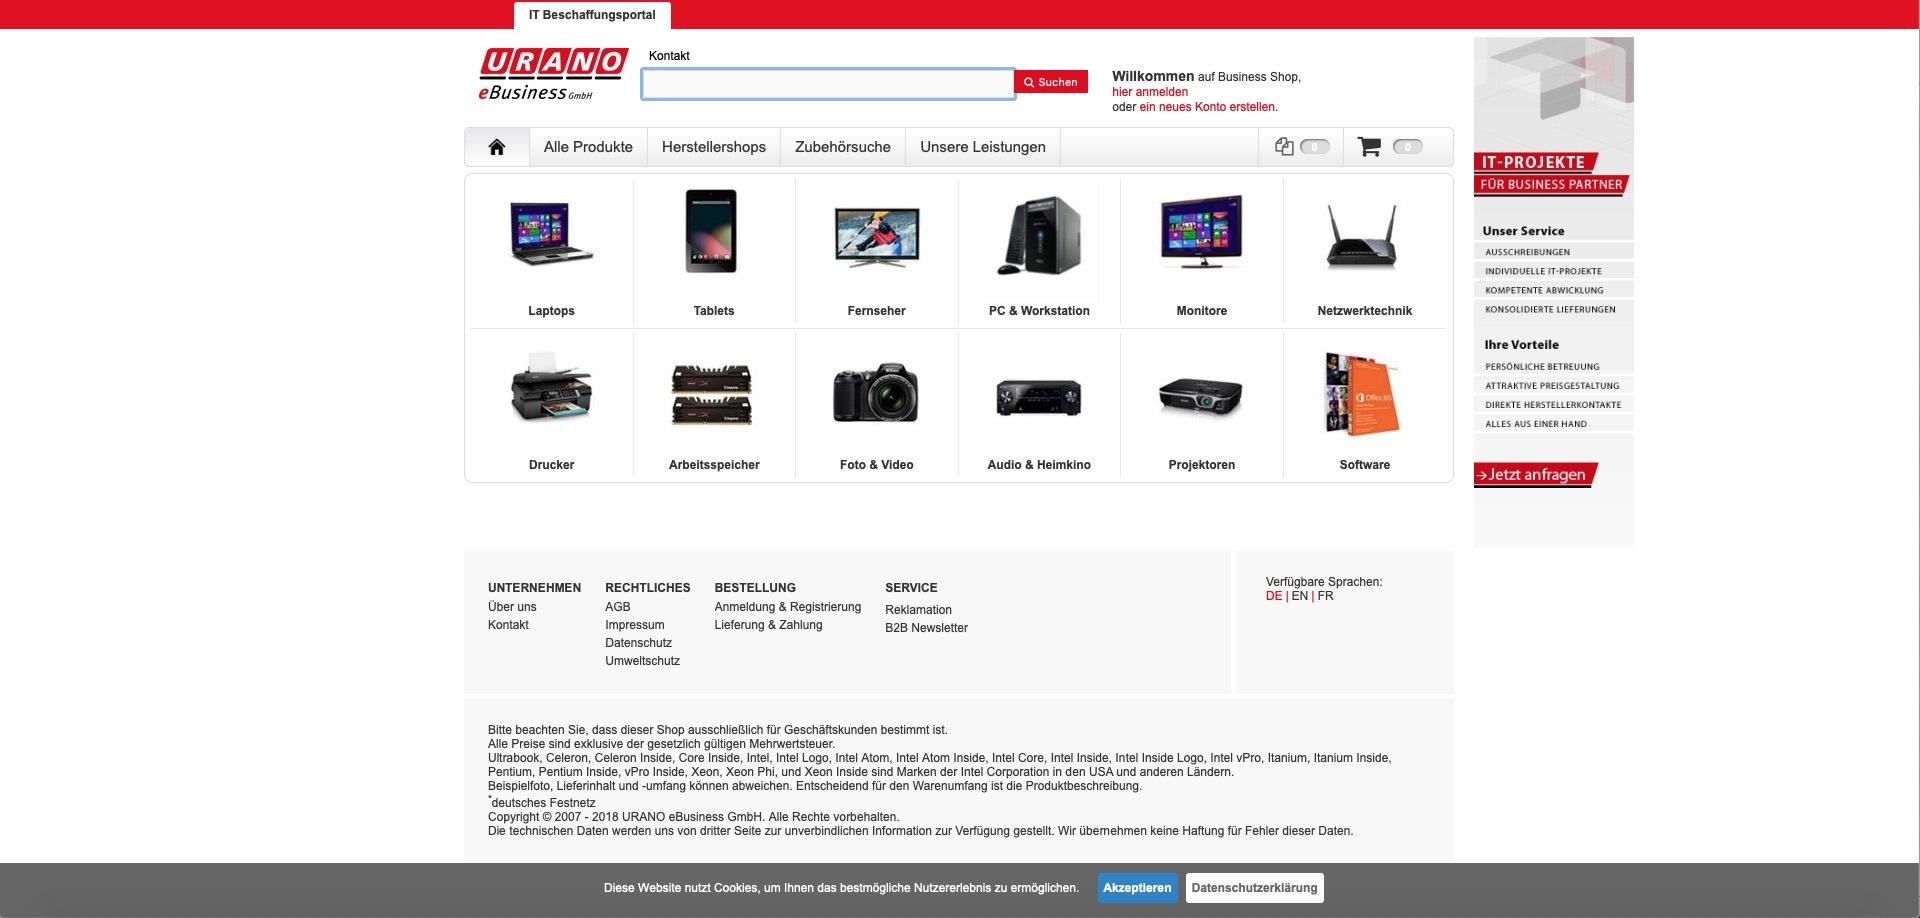 Bildschirmfoto des Onlineauftritts grano-shop.de